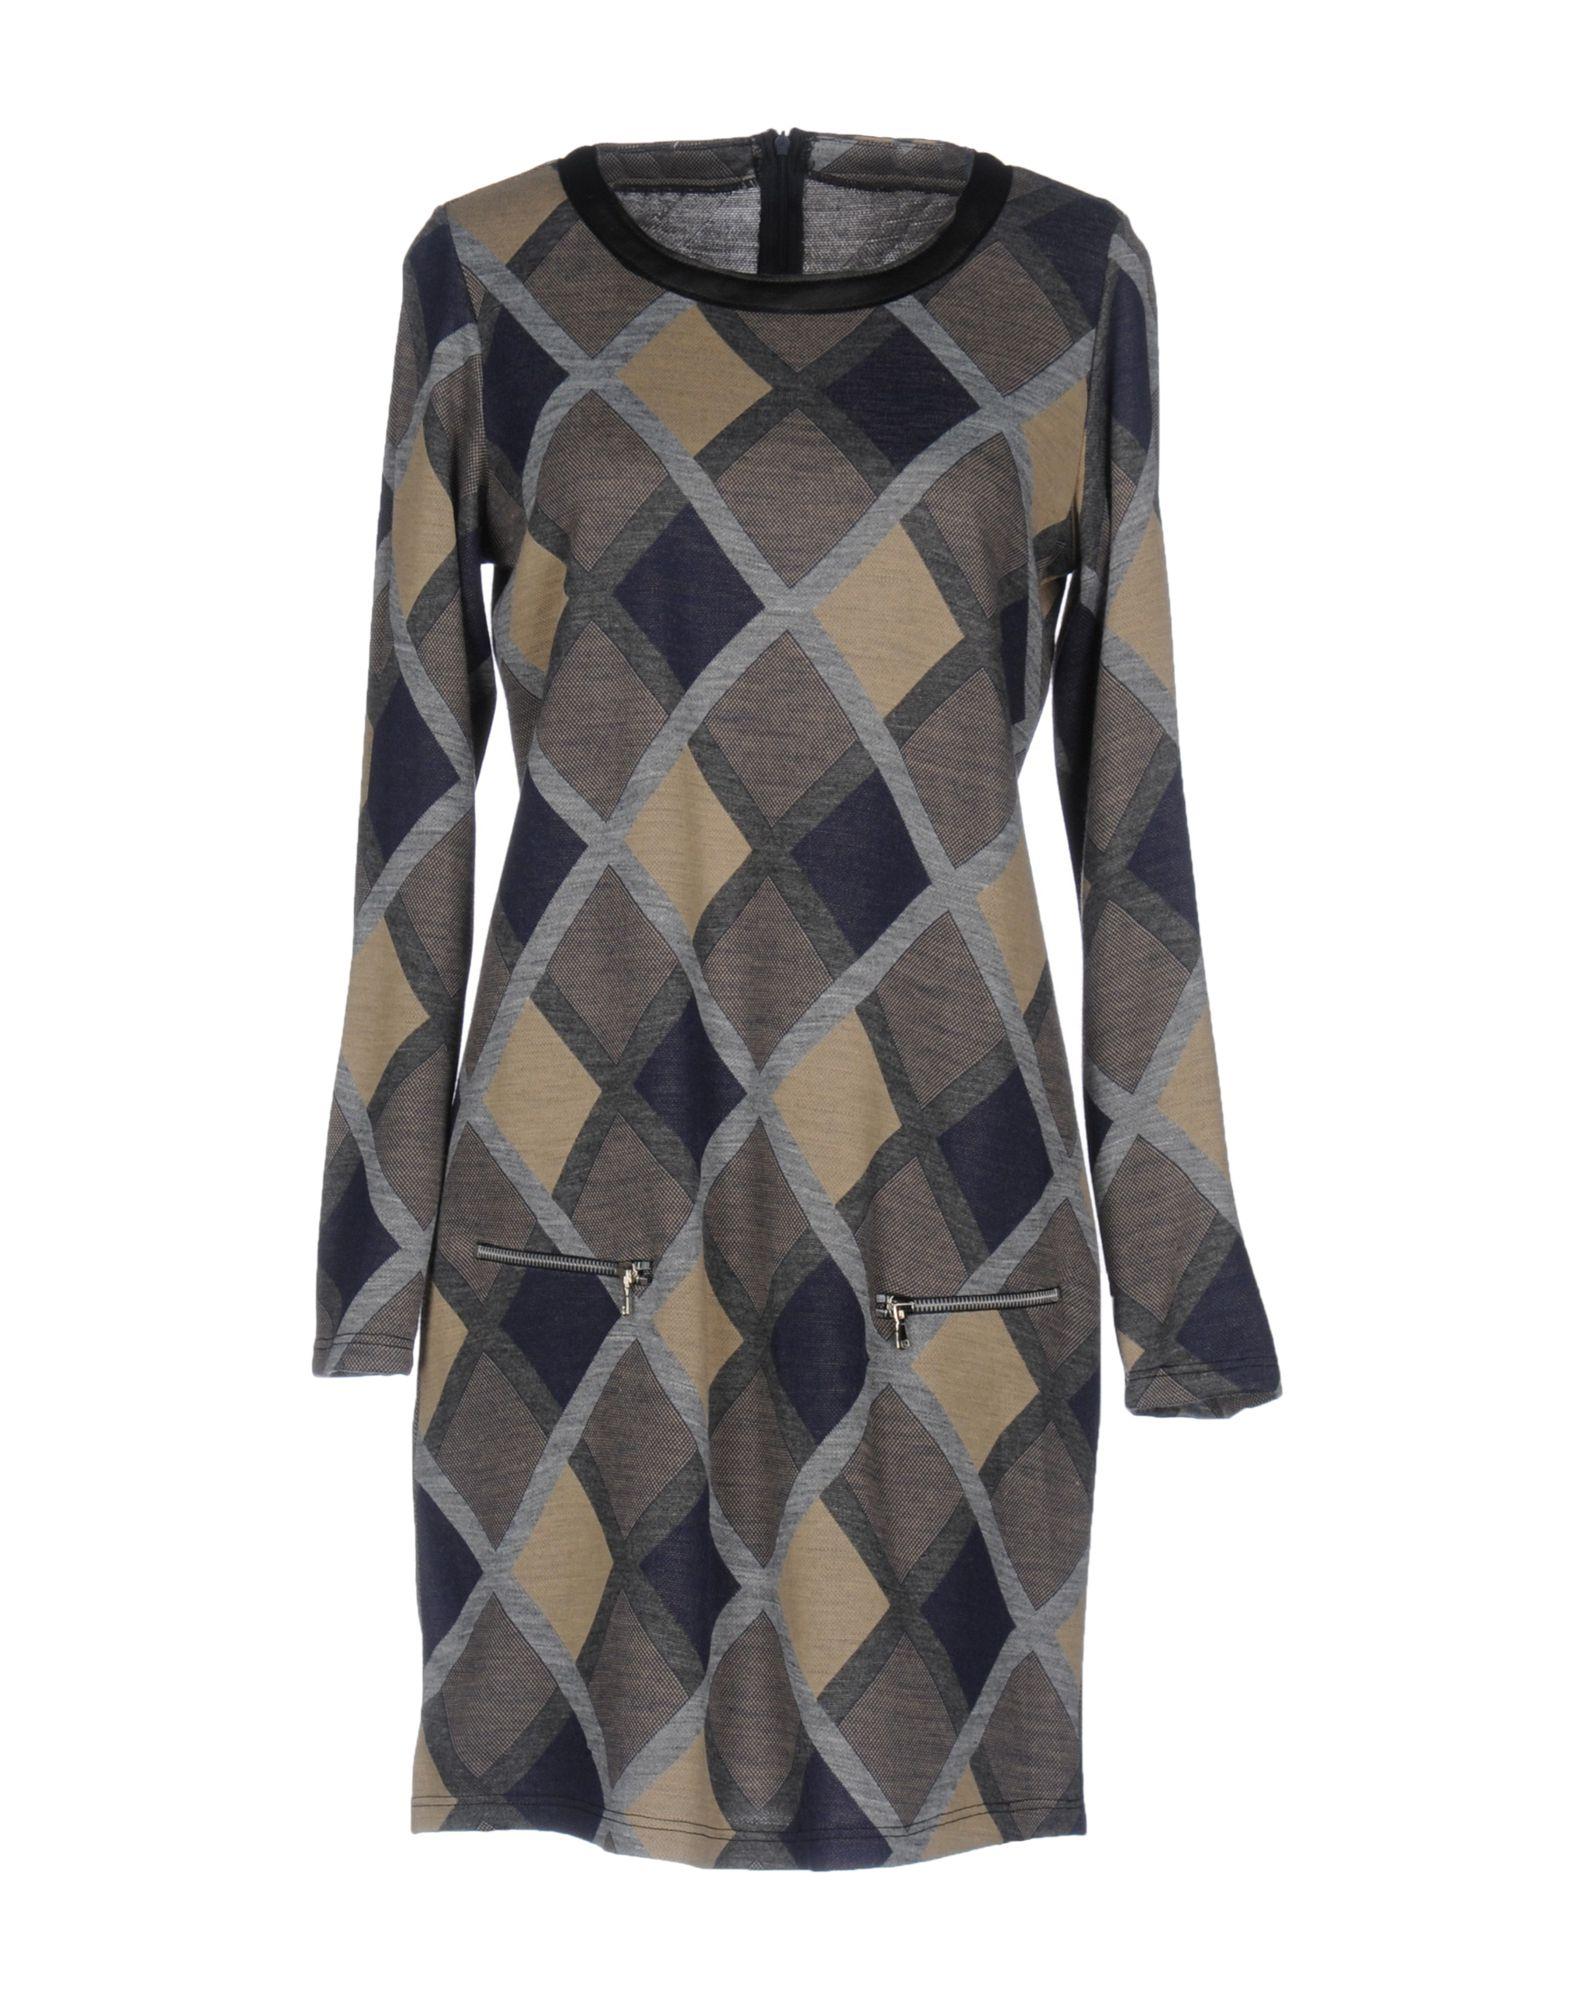 Брендовая женская одежда и аксессуары - сток Itsunsolutions 9c0badb57f969